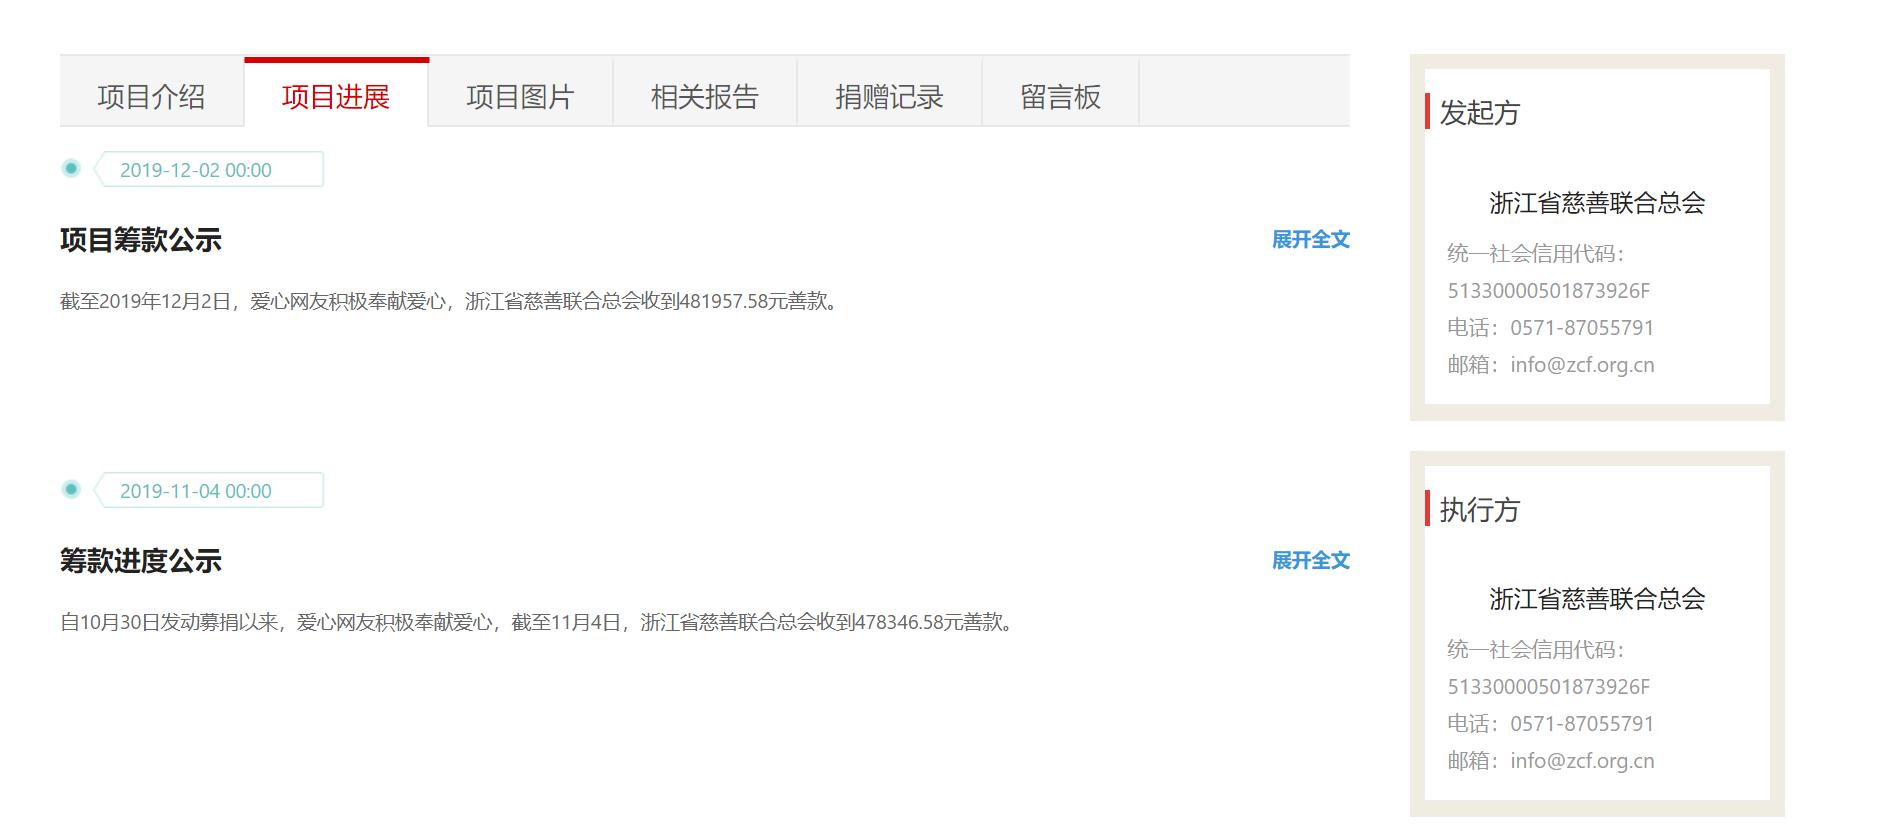 浙江慈善联合总会官网显示,截至2019年12月2日,为吴花燕募捐总额为481957.58元。网页截图